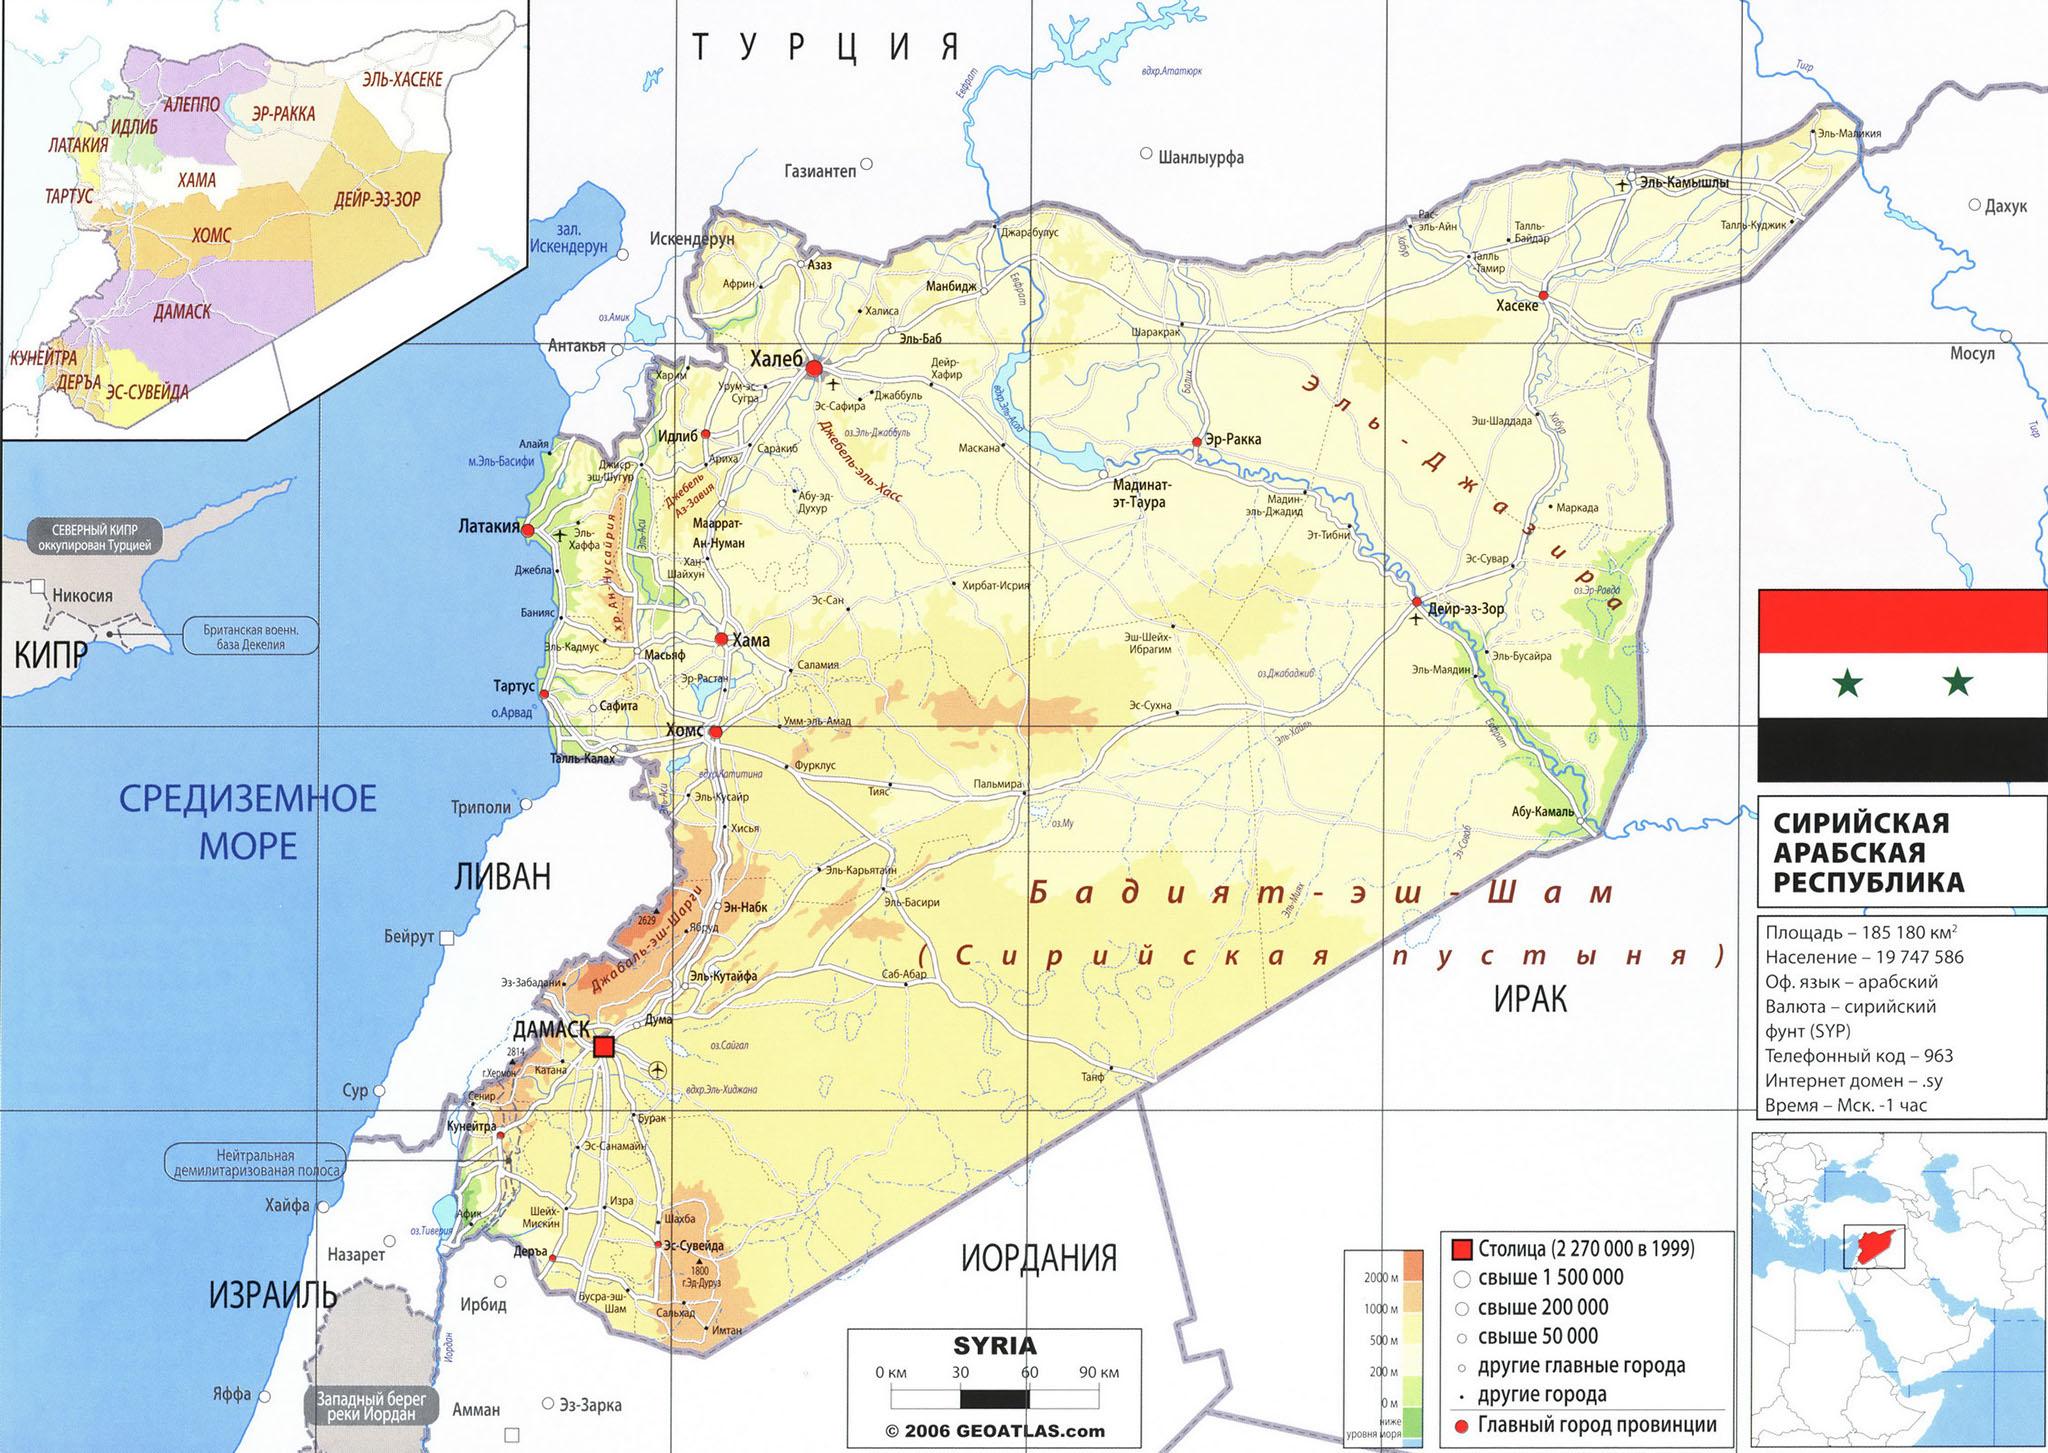 Карта мира. Сирия. Граница Сирия - Турция. Карта Сирии. Алепо. Столица Сирии